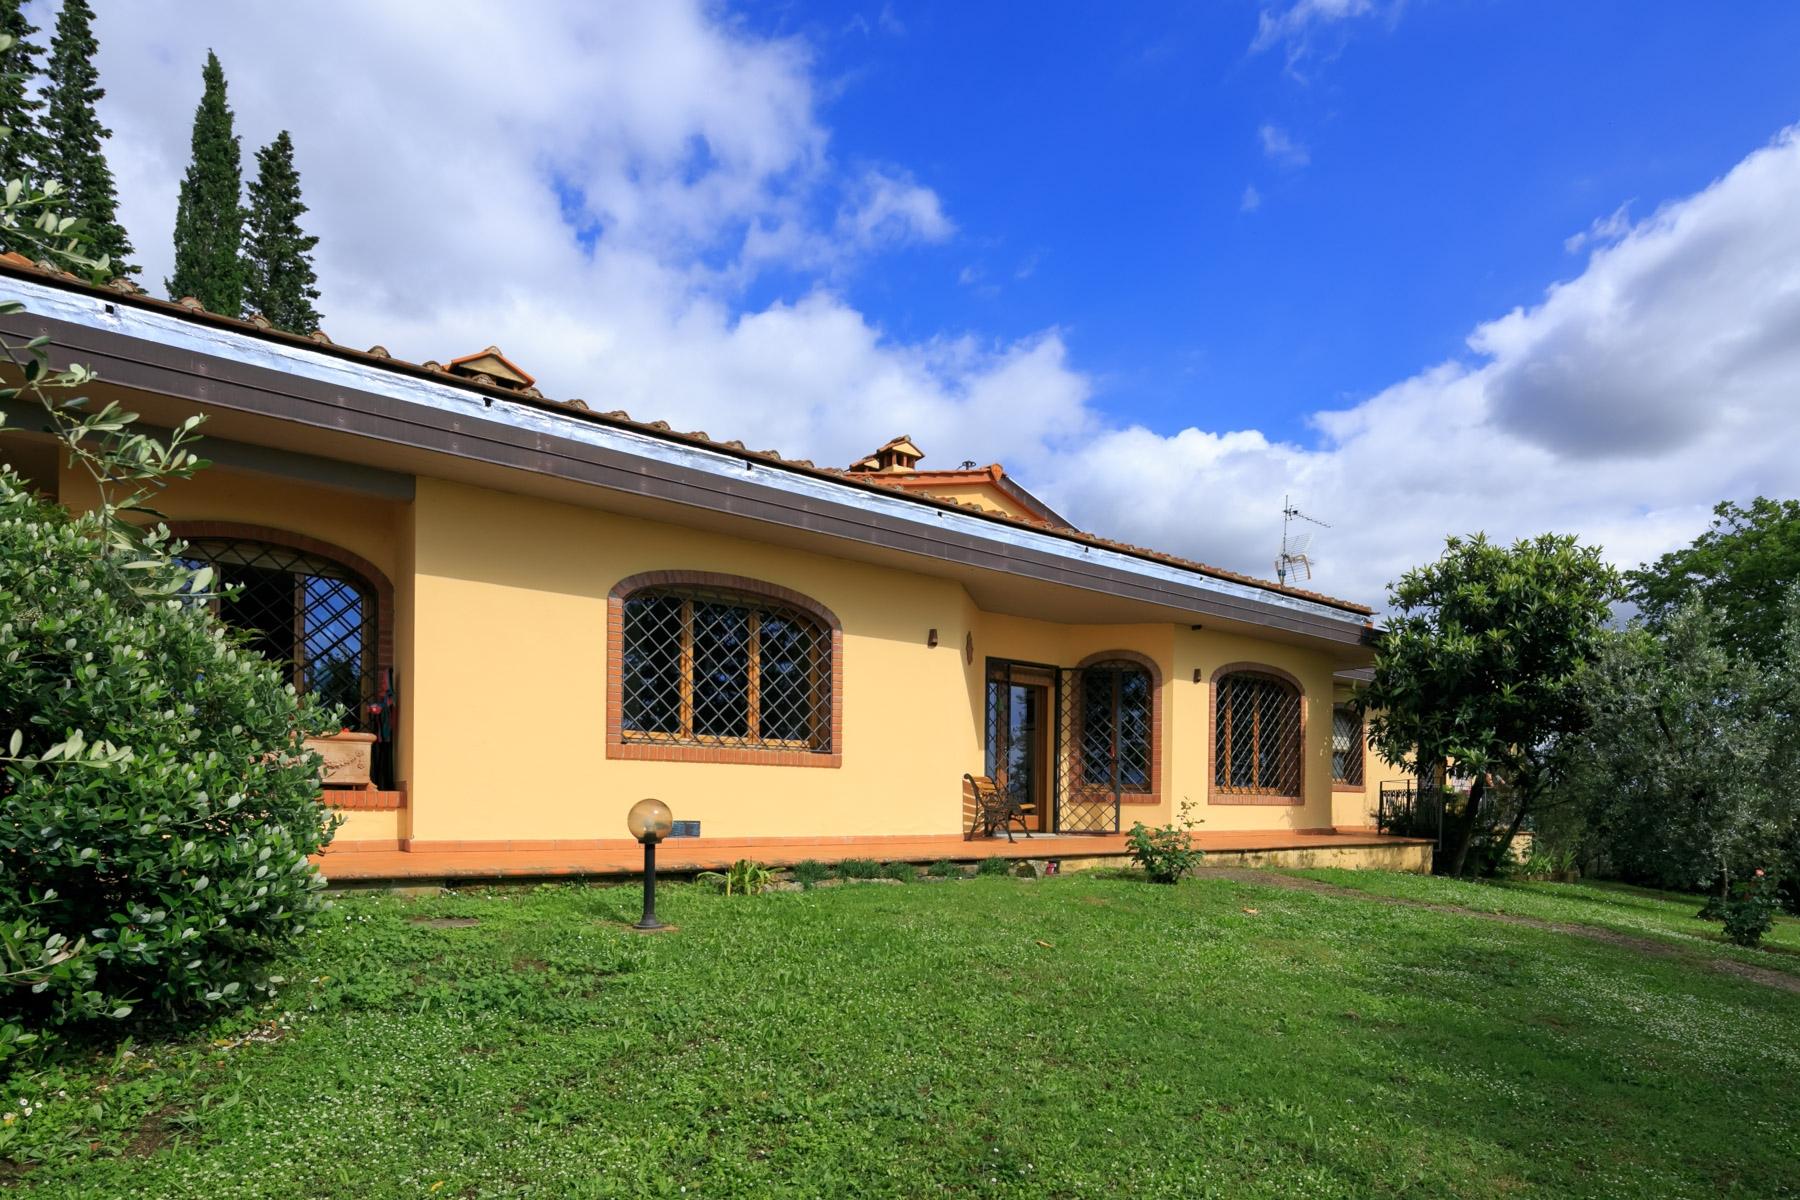 Villa in Vendita a Reggello: 5 locali, 400 mq - Foto 12